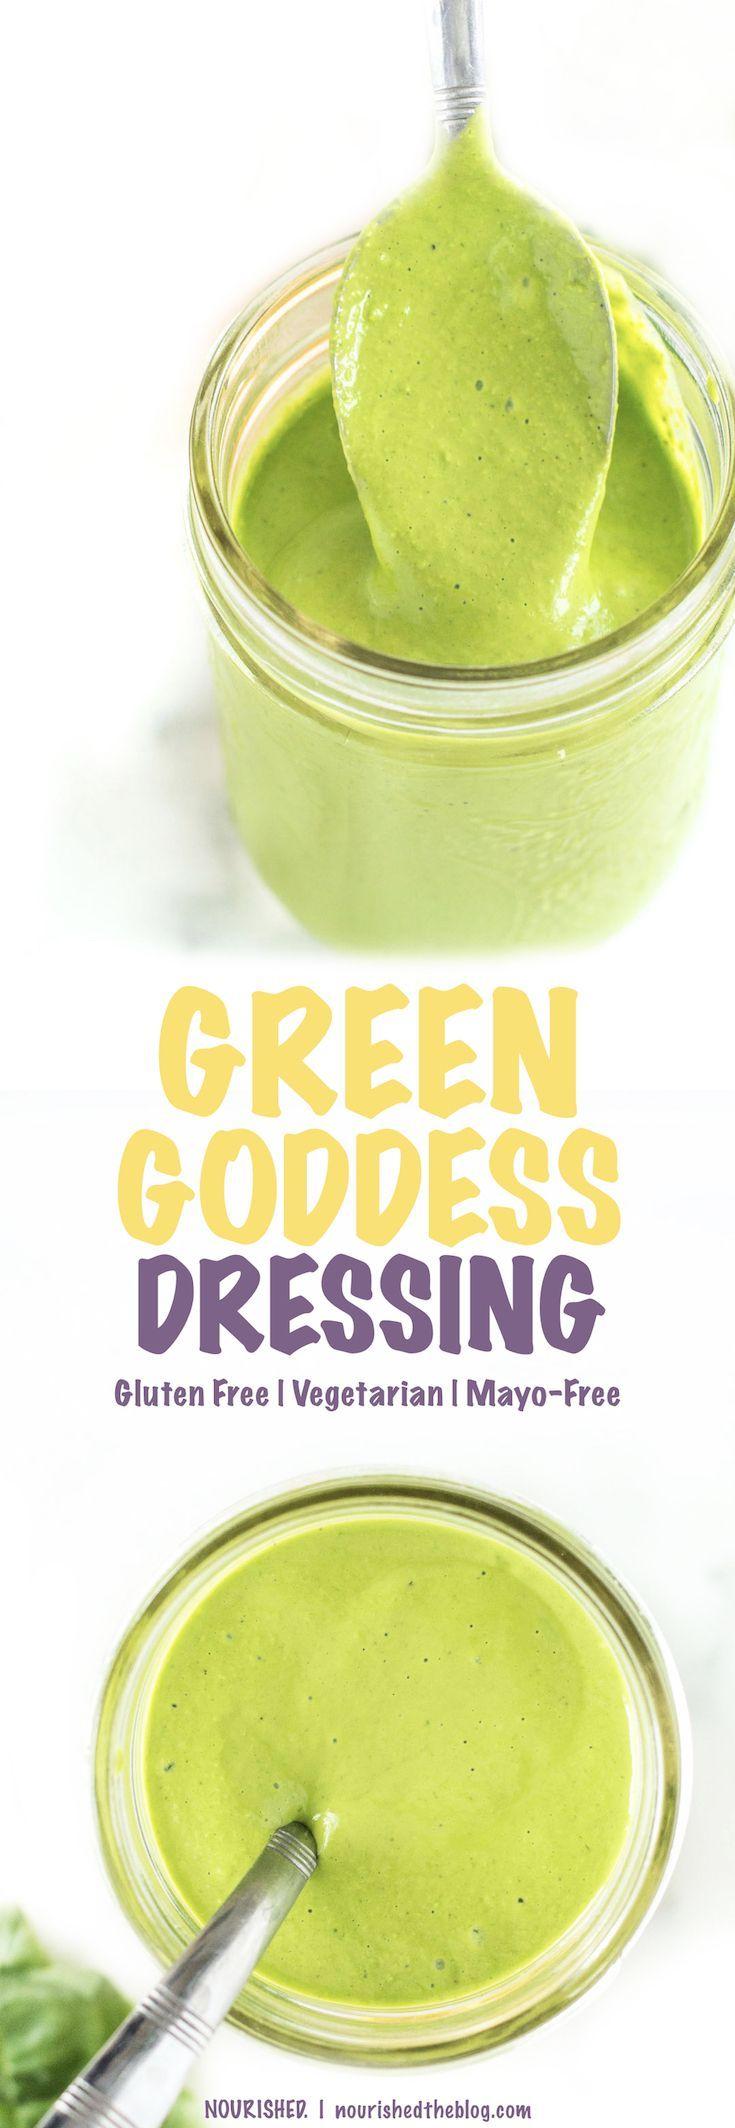 Vinaigrette verte saine de déesse | Cette recette de vinaigrette santé est une mayo-fr ... Vinaigrette verte saine de déesse | Cette recette de vinaigrette santé est une mayo-fr ...,